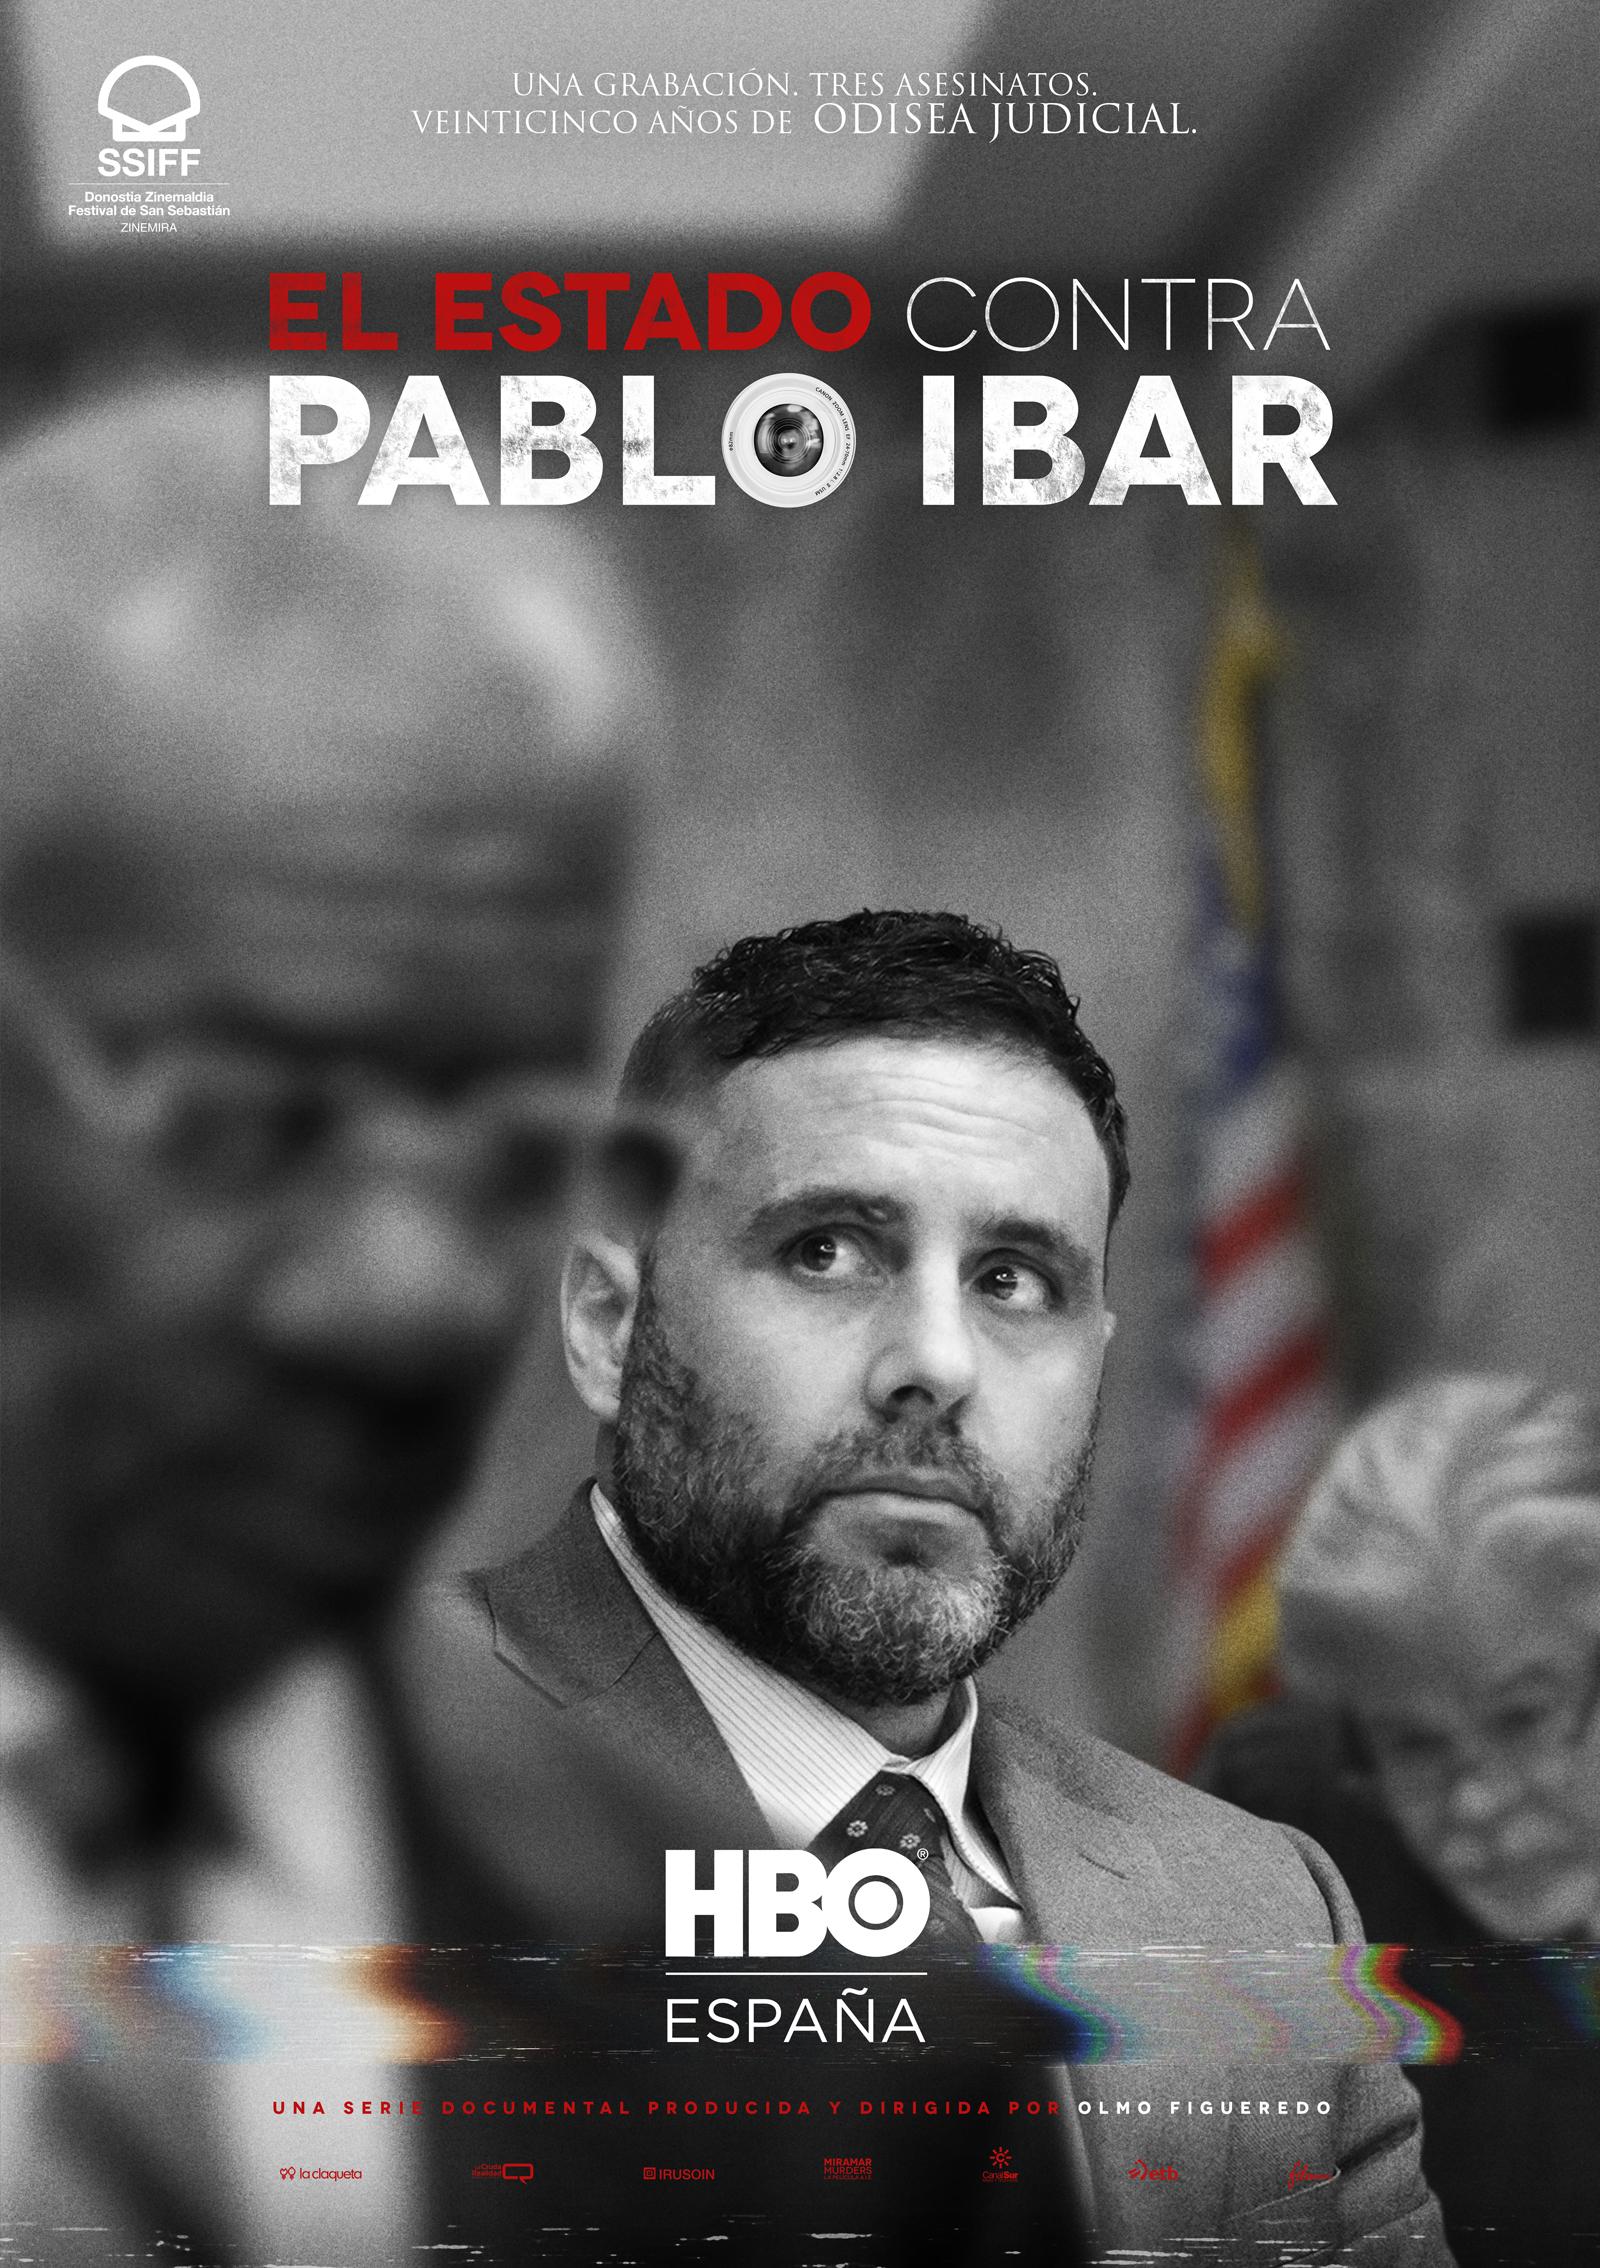 Pedro Cabañas - Design - EL ESTADO CONTRA PABLO IBAR